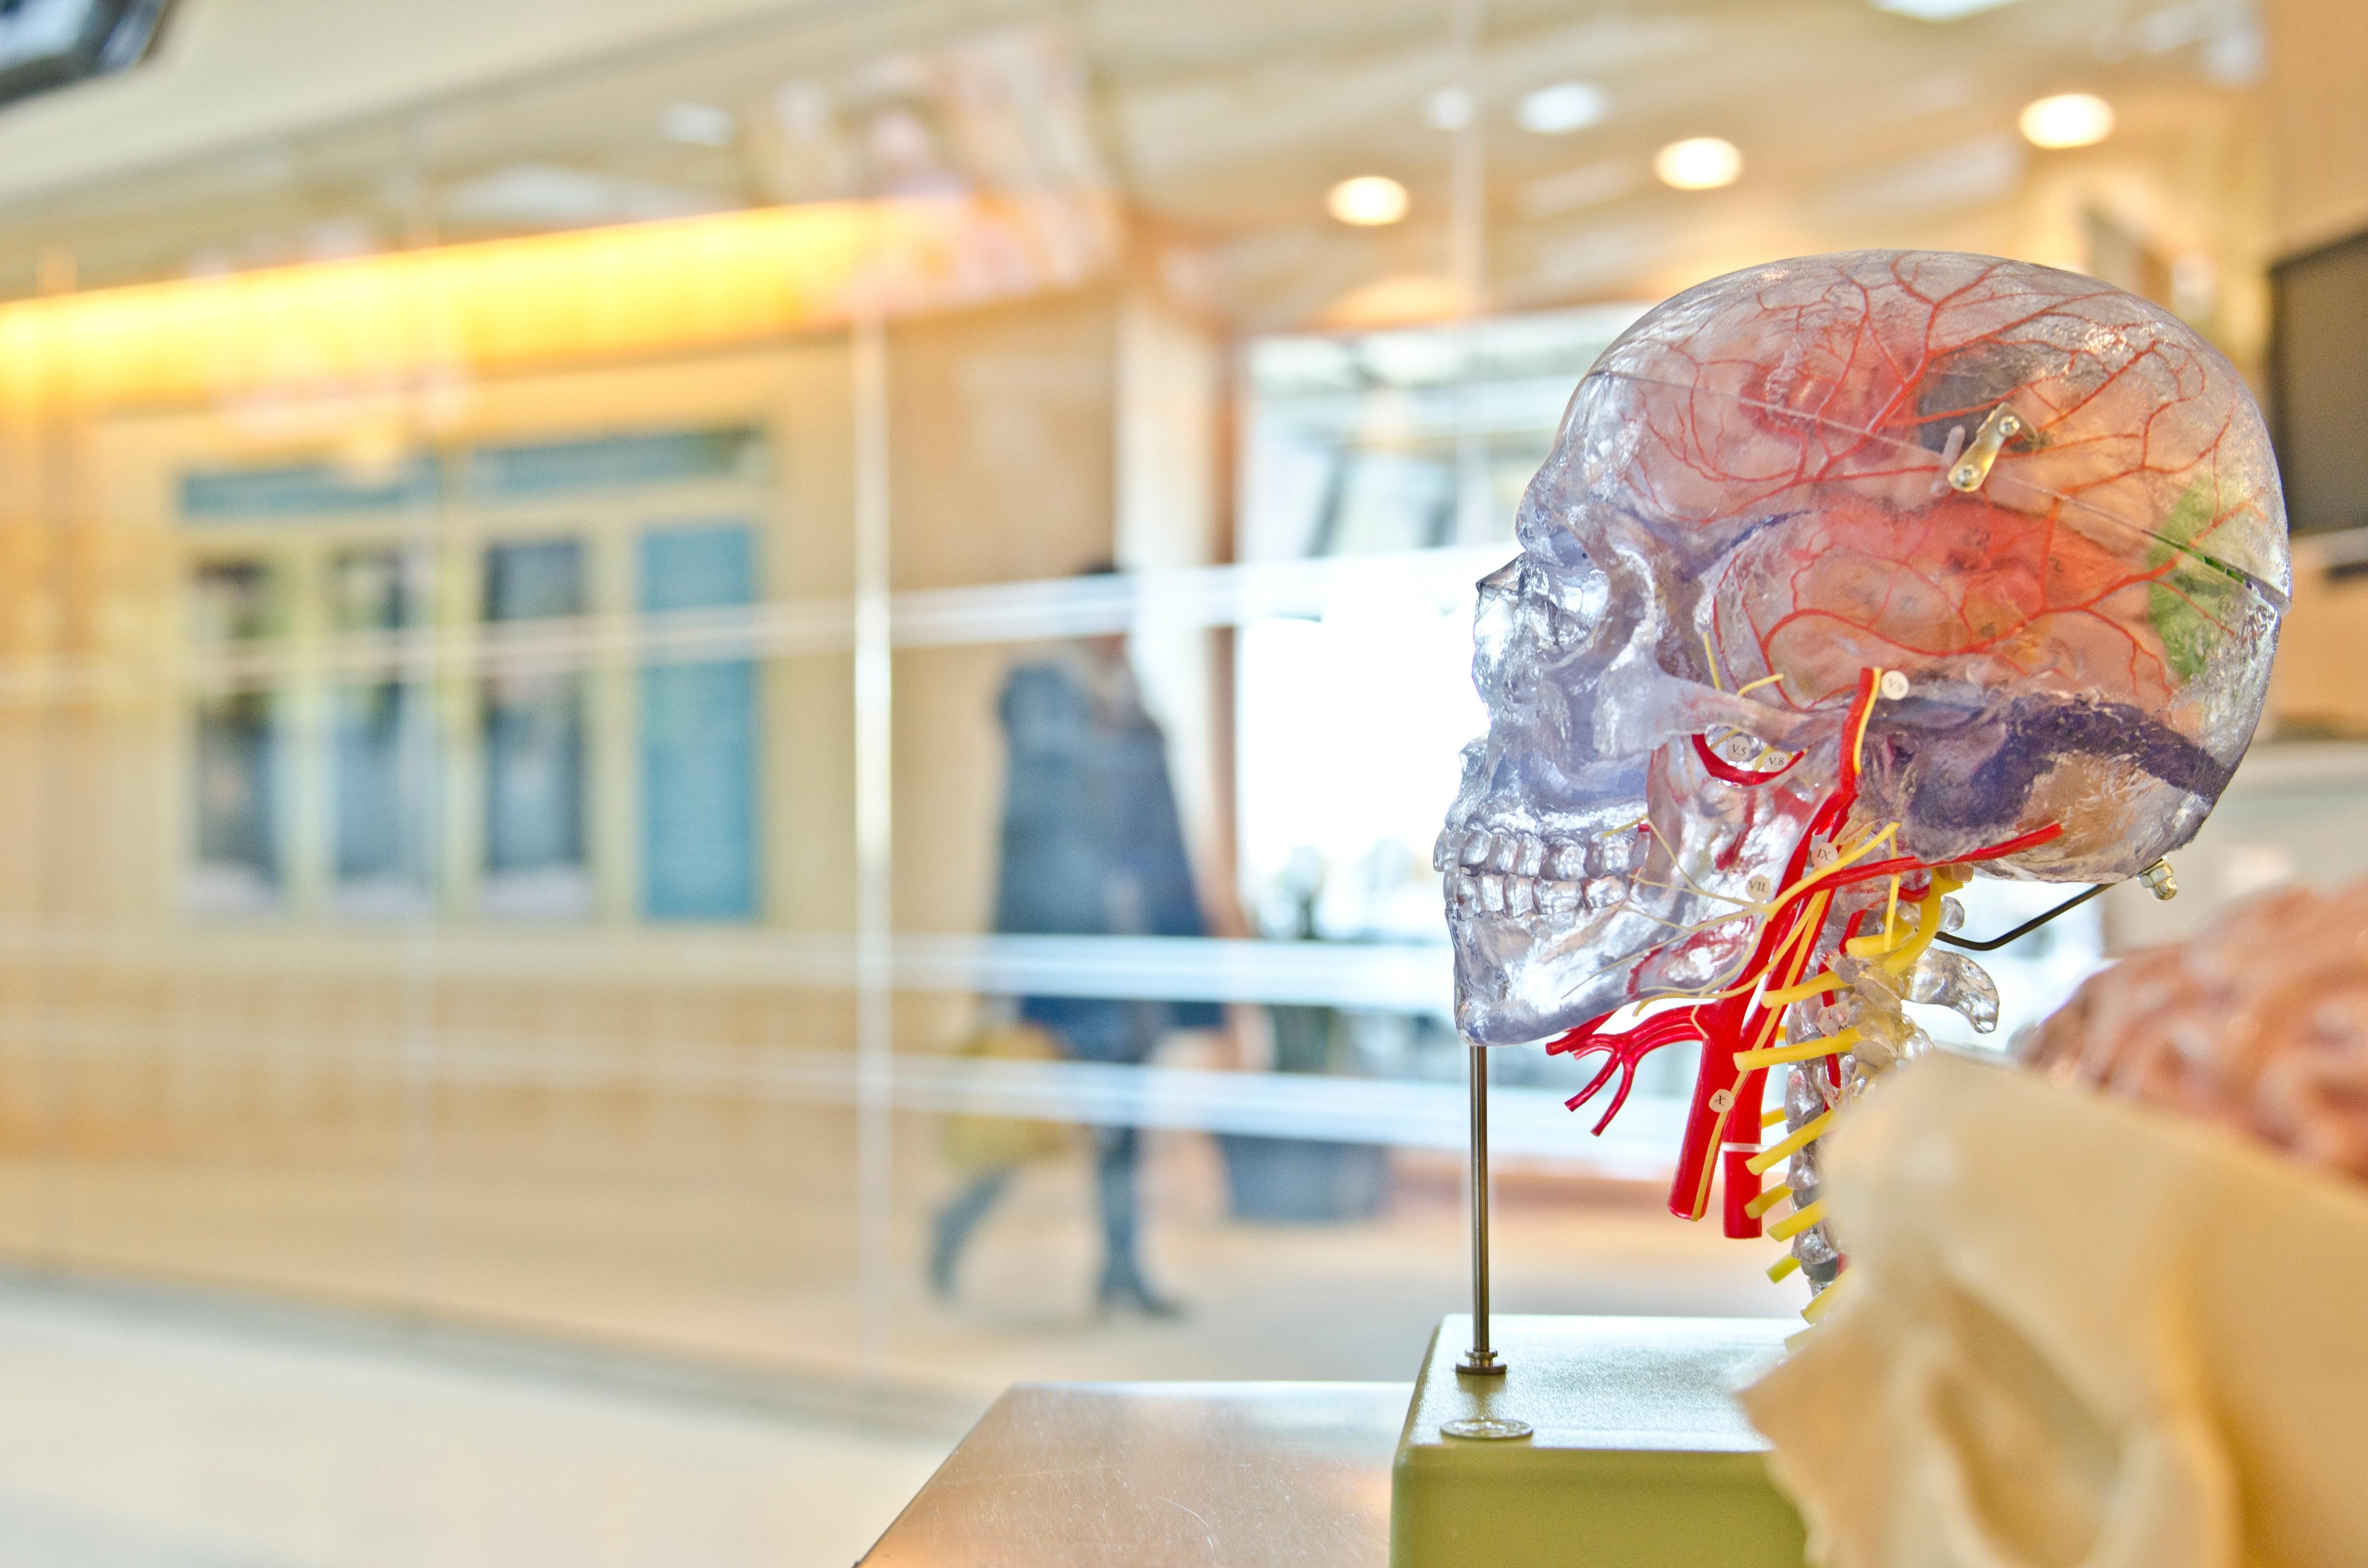 Fotos gratis : color, cráneo, art, ciencia, cerebro, anatomía ...